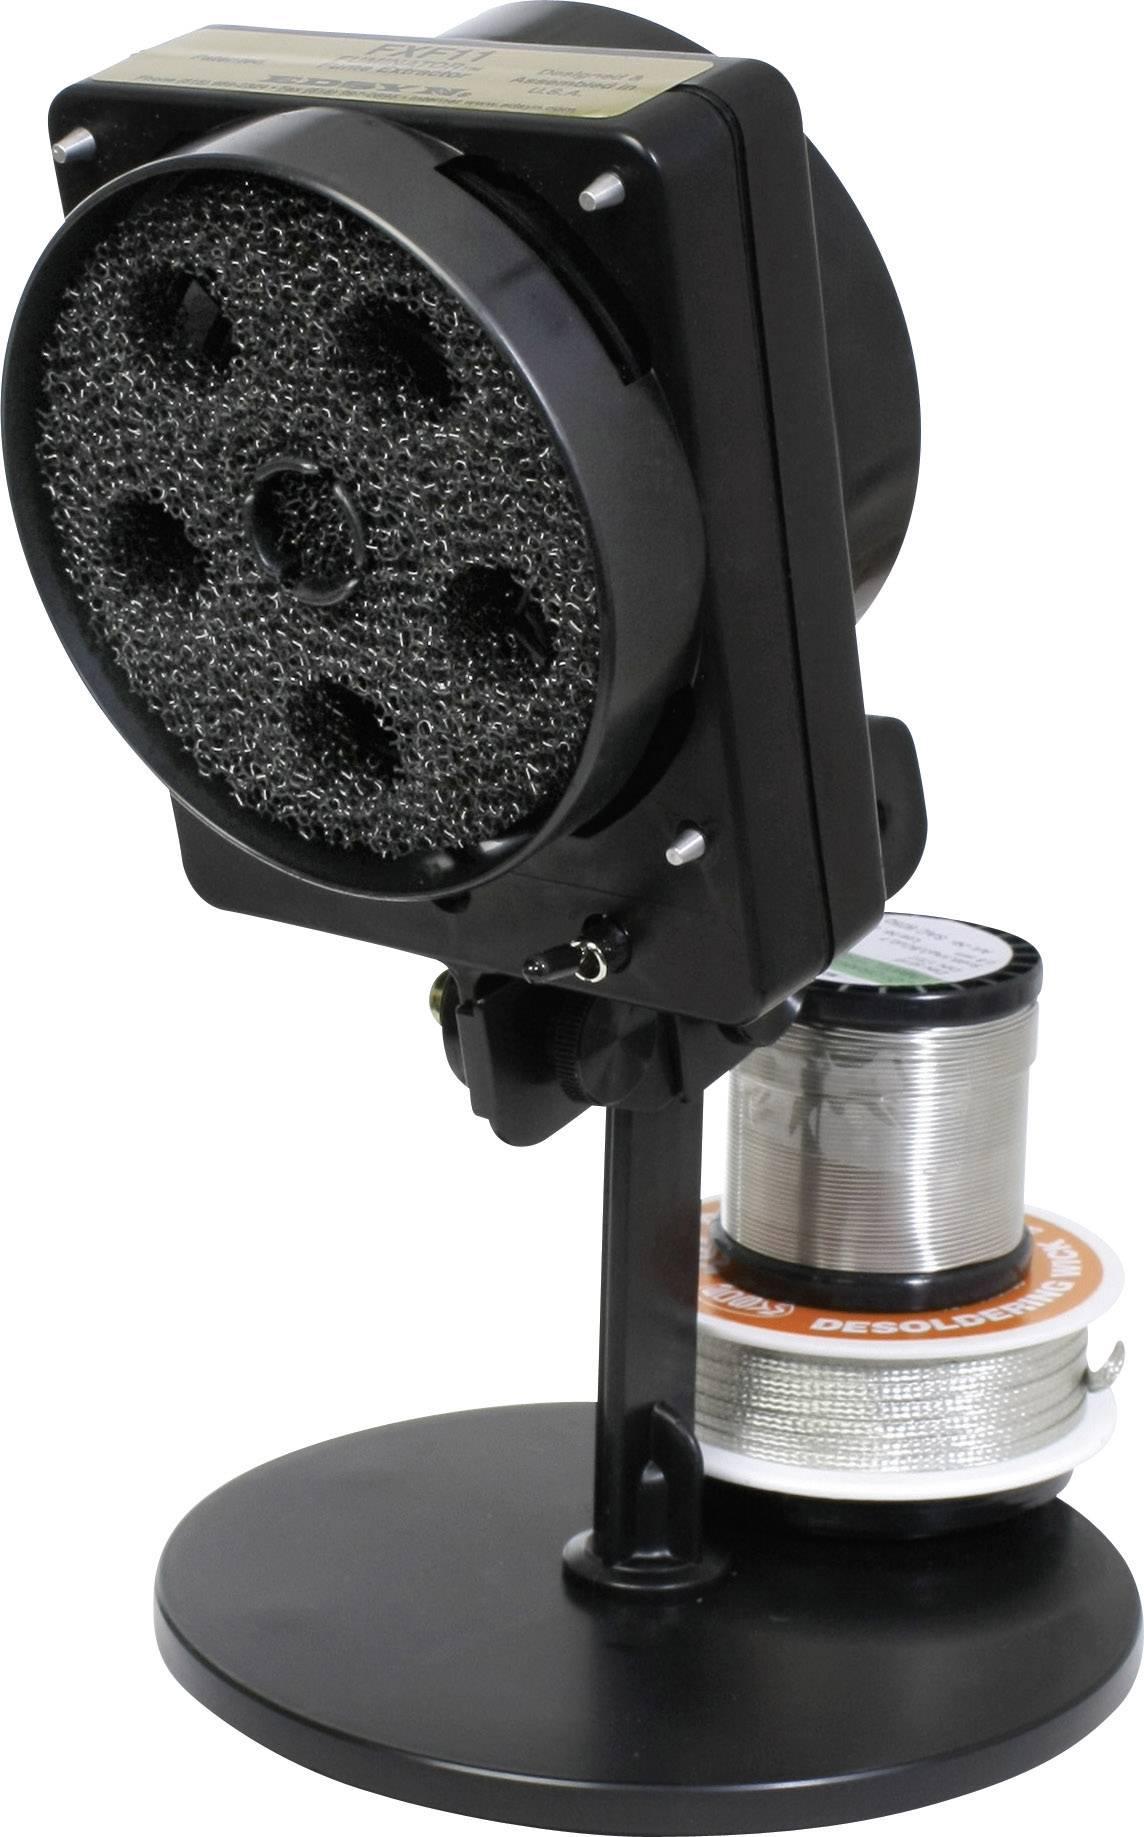 Filtrovací systém se stojanem Edsyn FUMINATOR FXF11-1, 12 V/DC